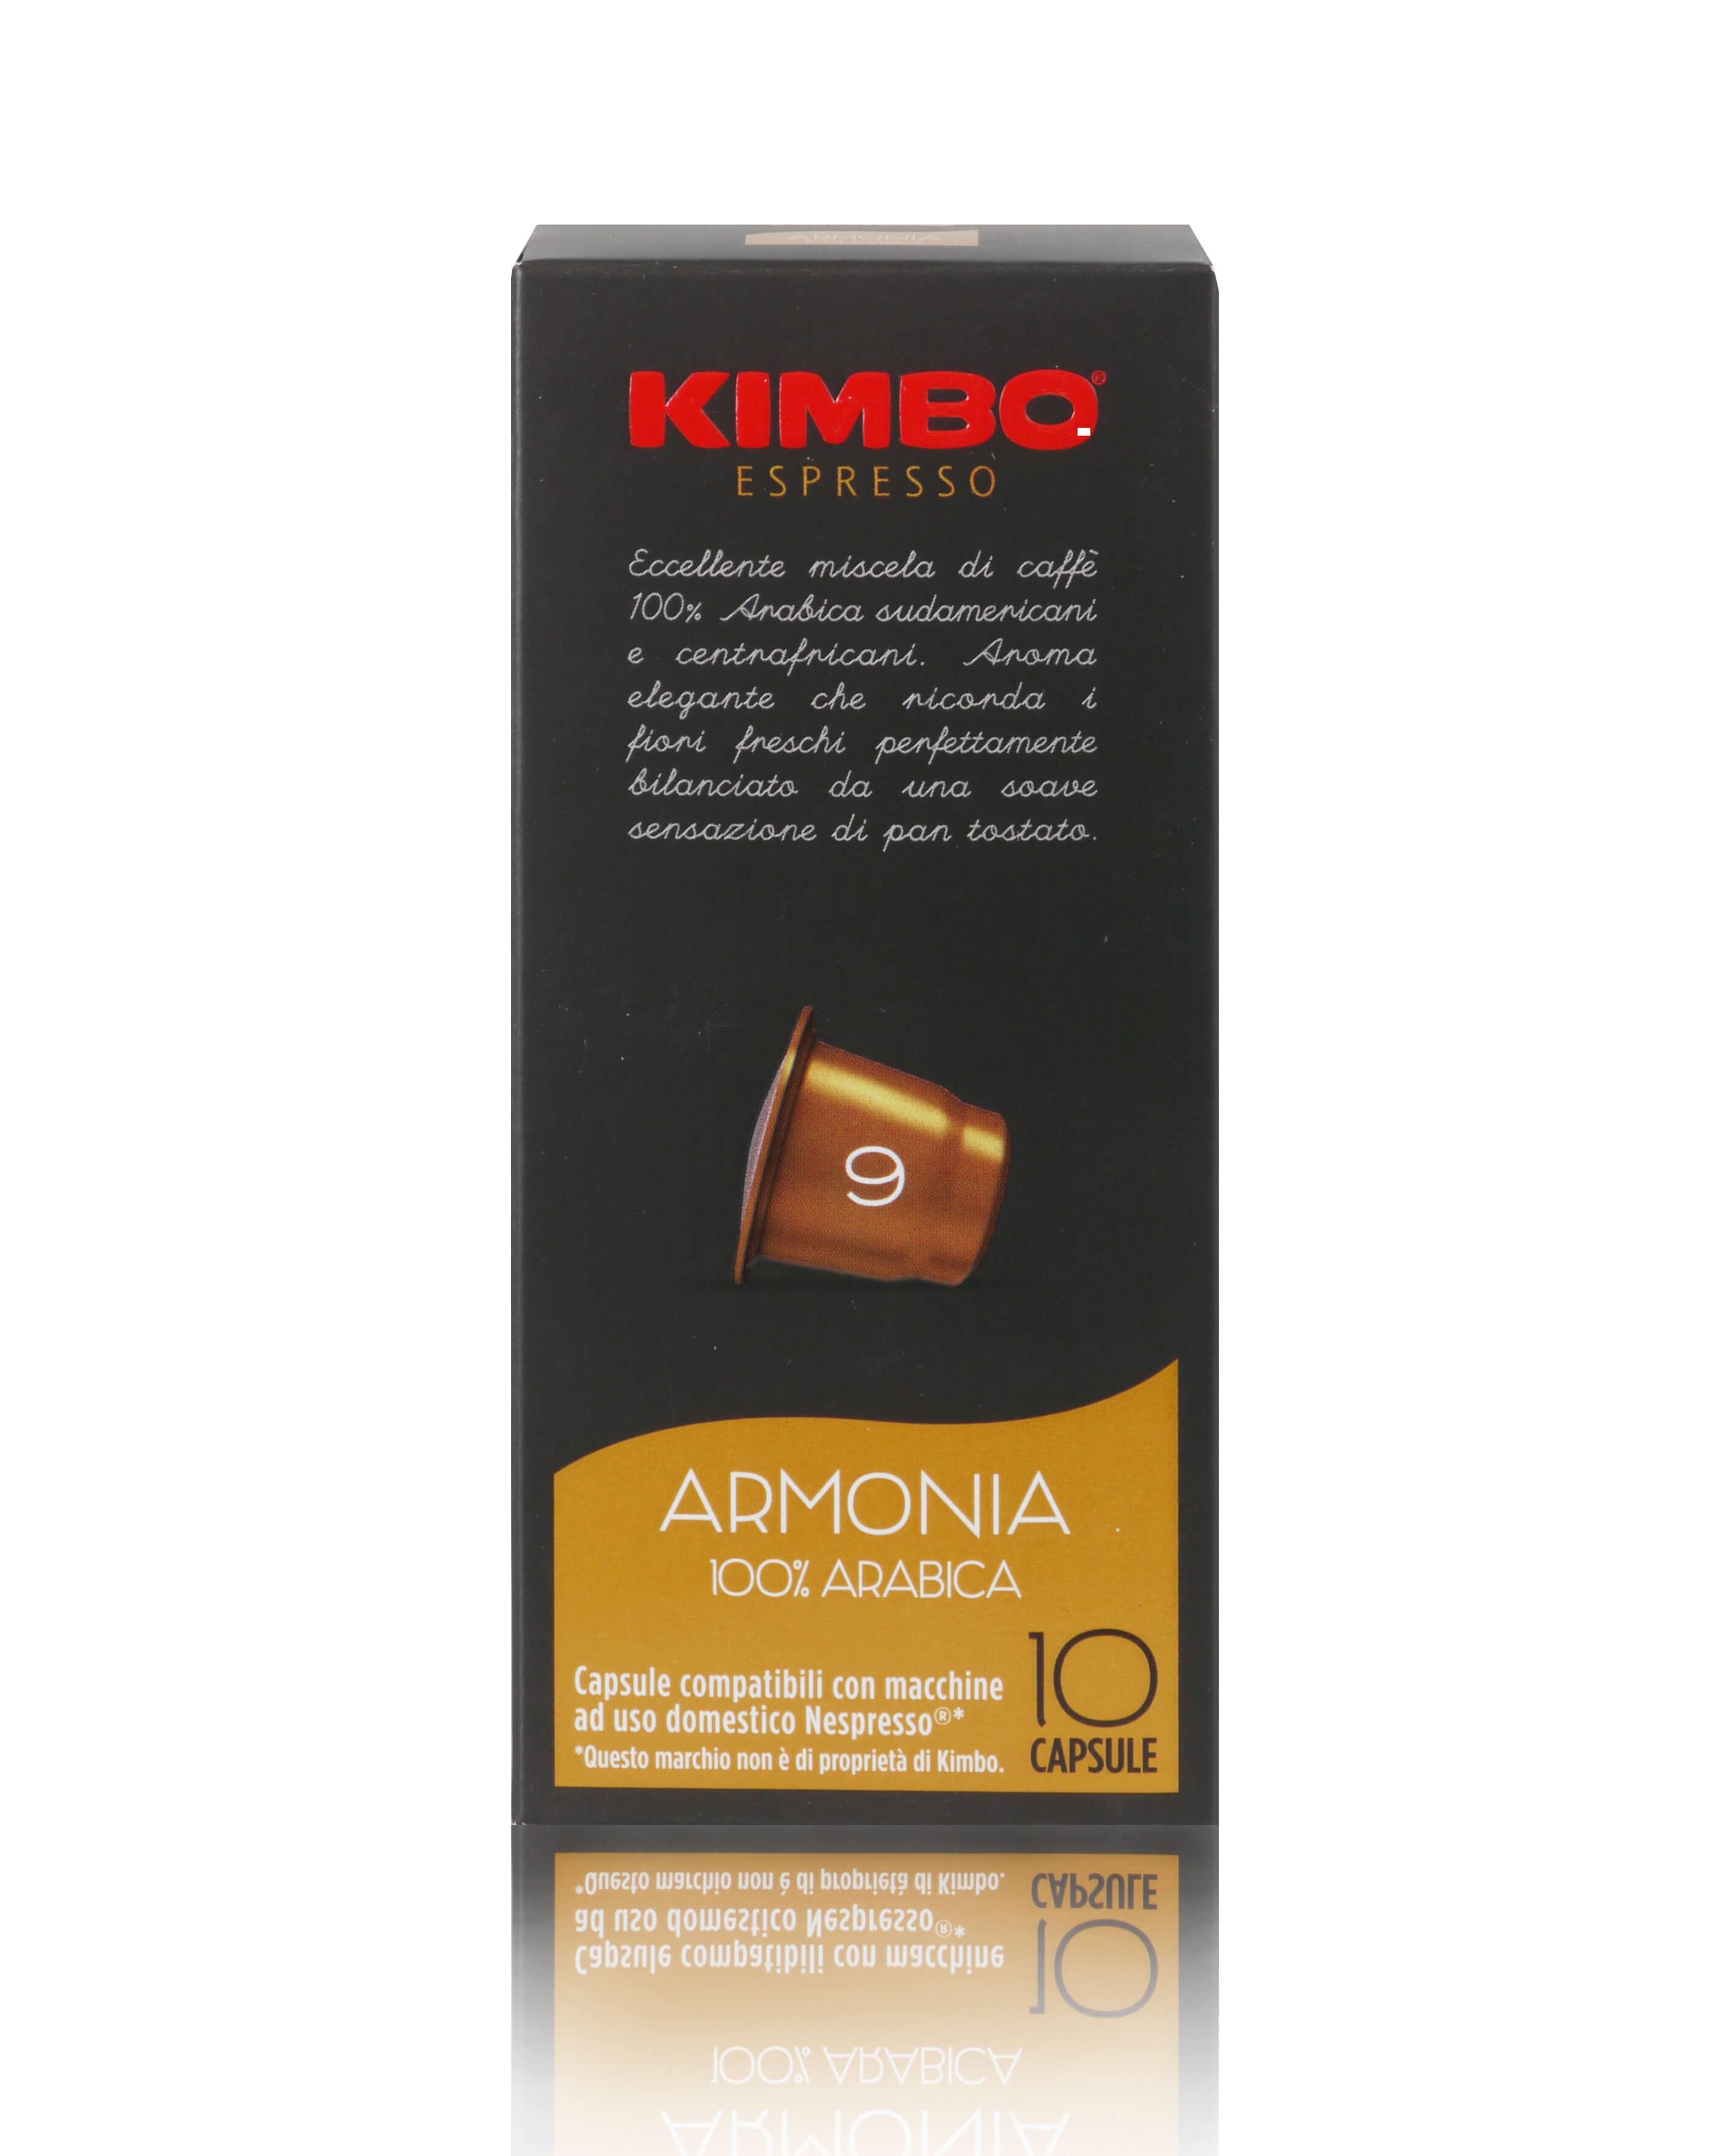 KIMBO Armonia Kapseln - Nespresso® kompatibel 10x 10 Kapseln je 5,8 g gemahlen